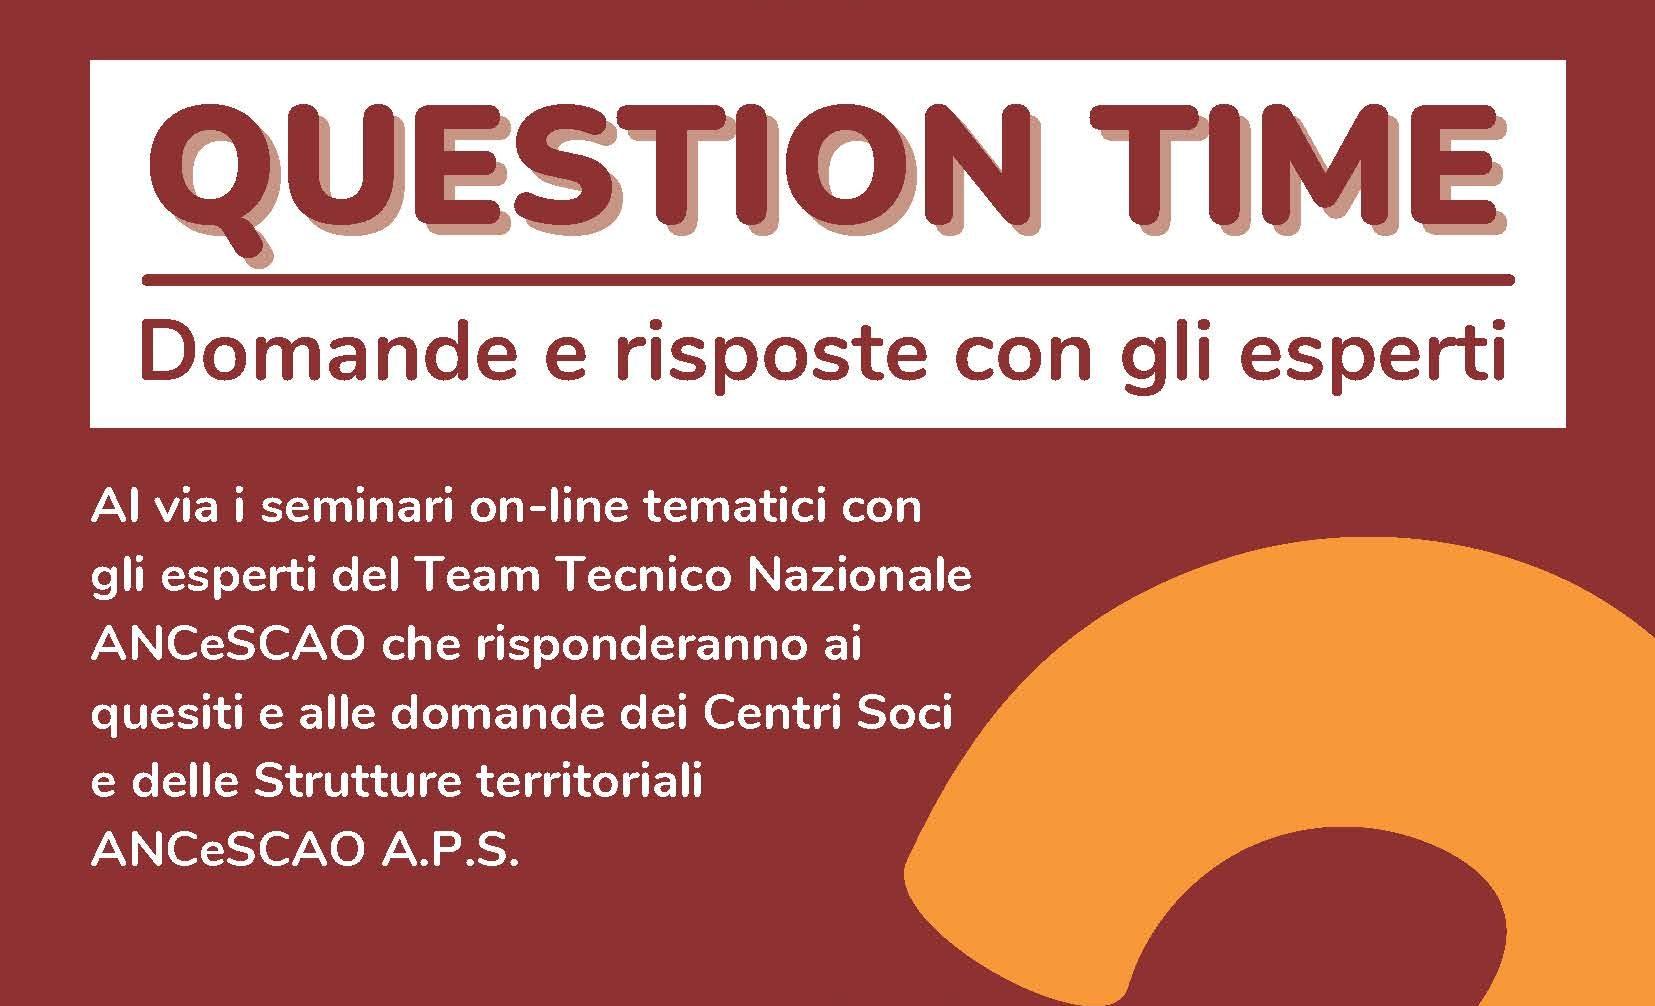 QUESTION TIME: domande e risposte con gli esperti